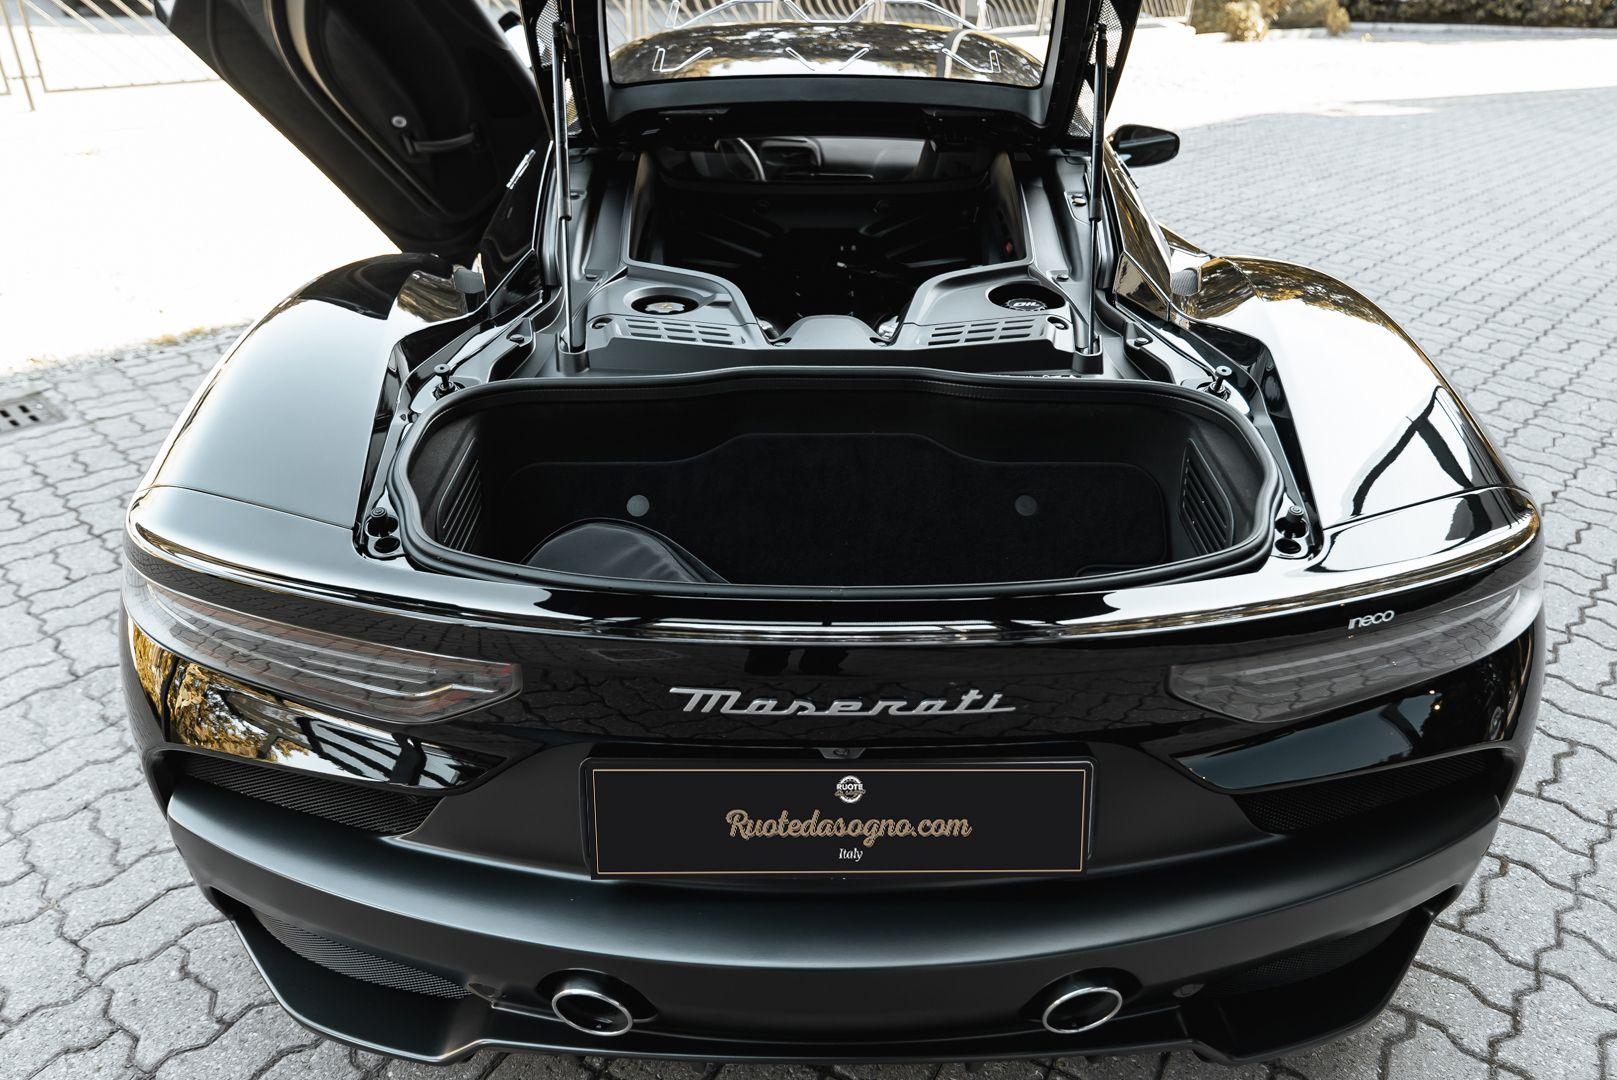 2021 Maserati MC20 84457